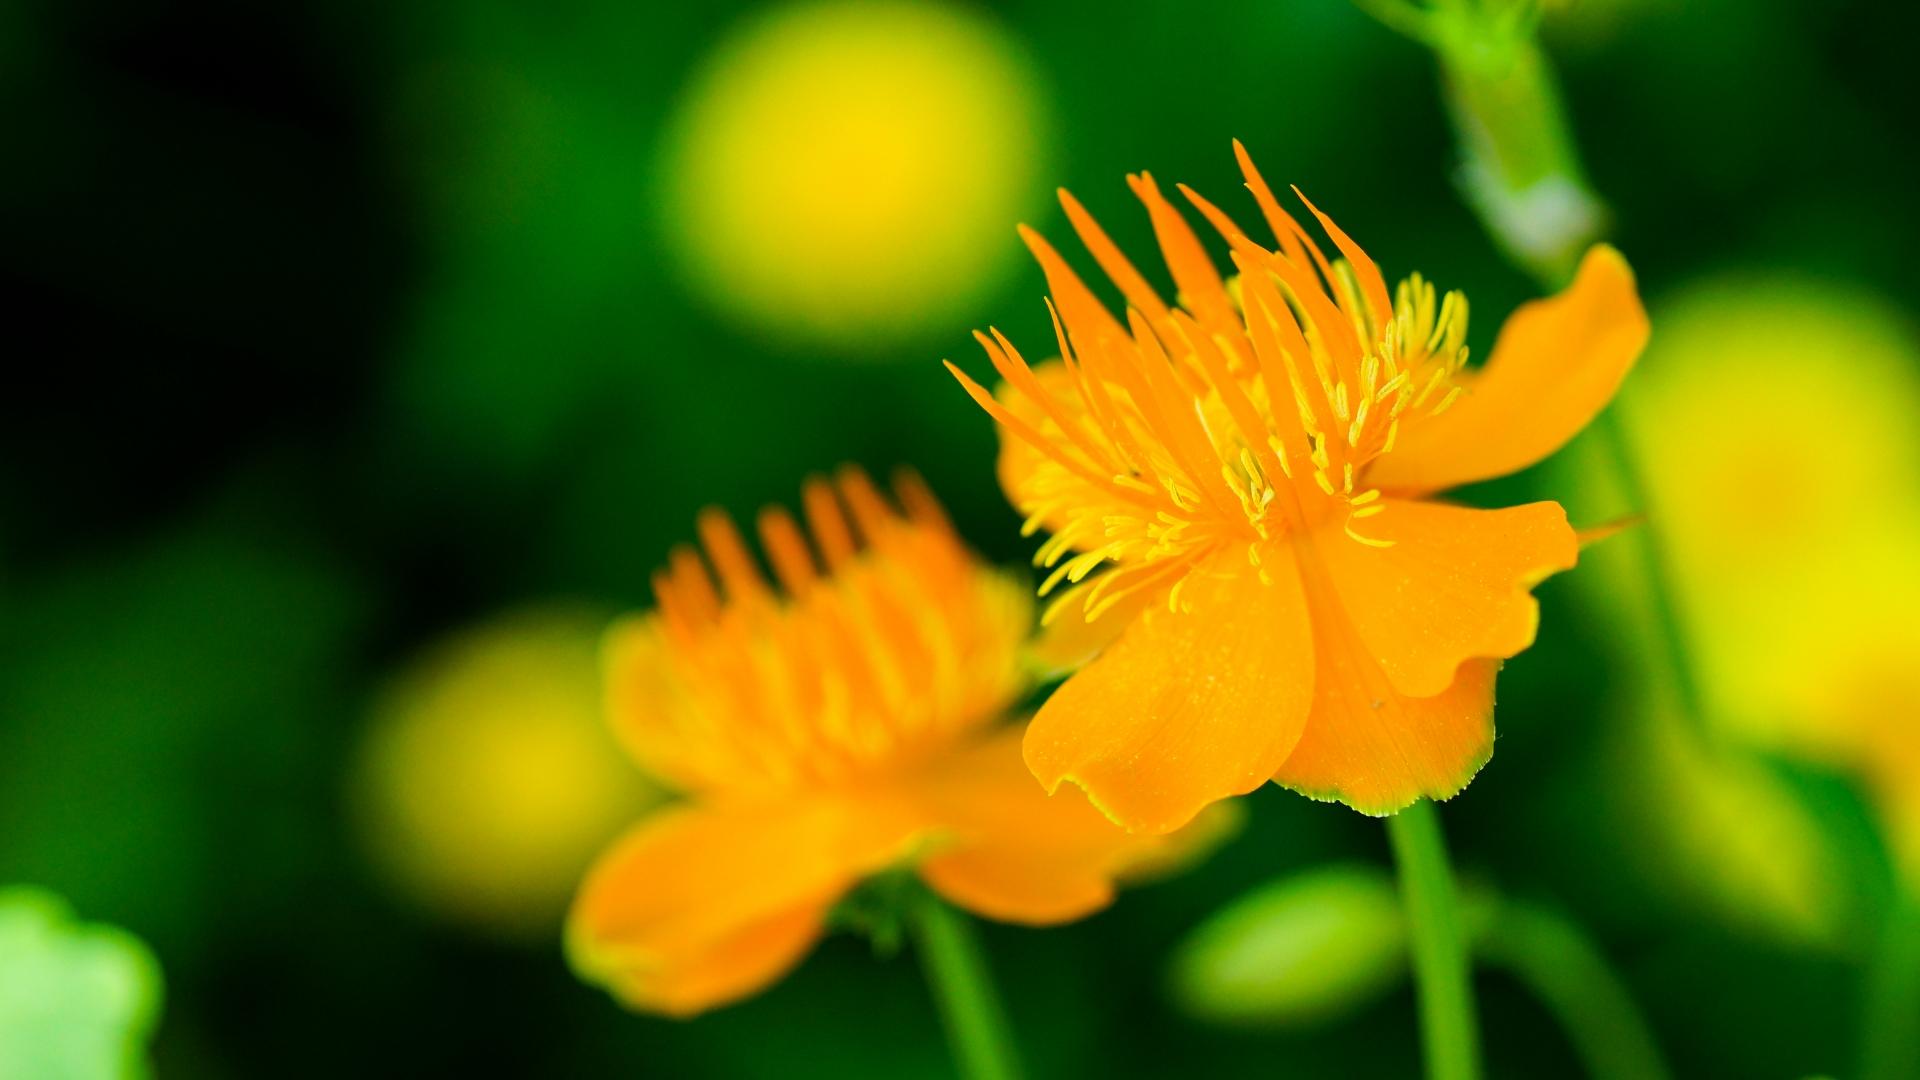 Flores naranjas - 1920x1080